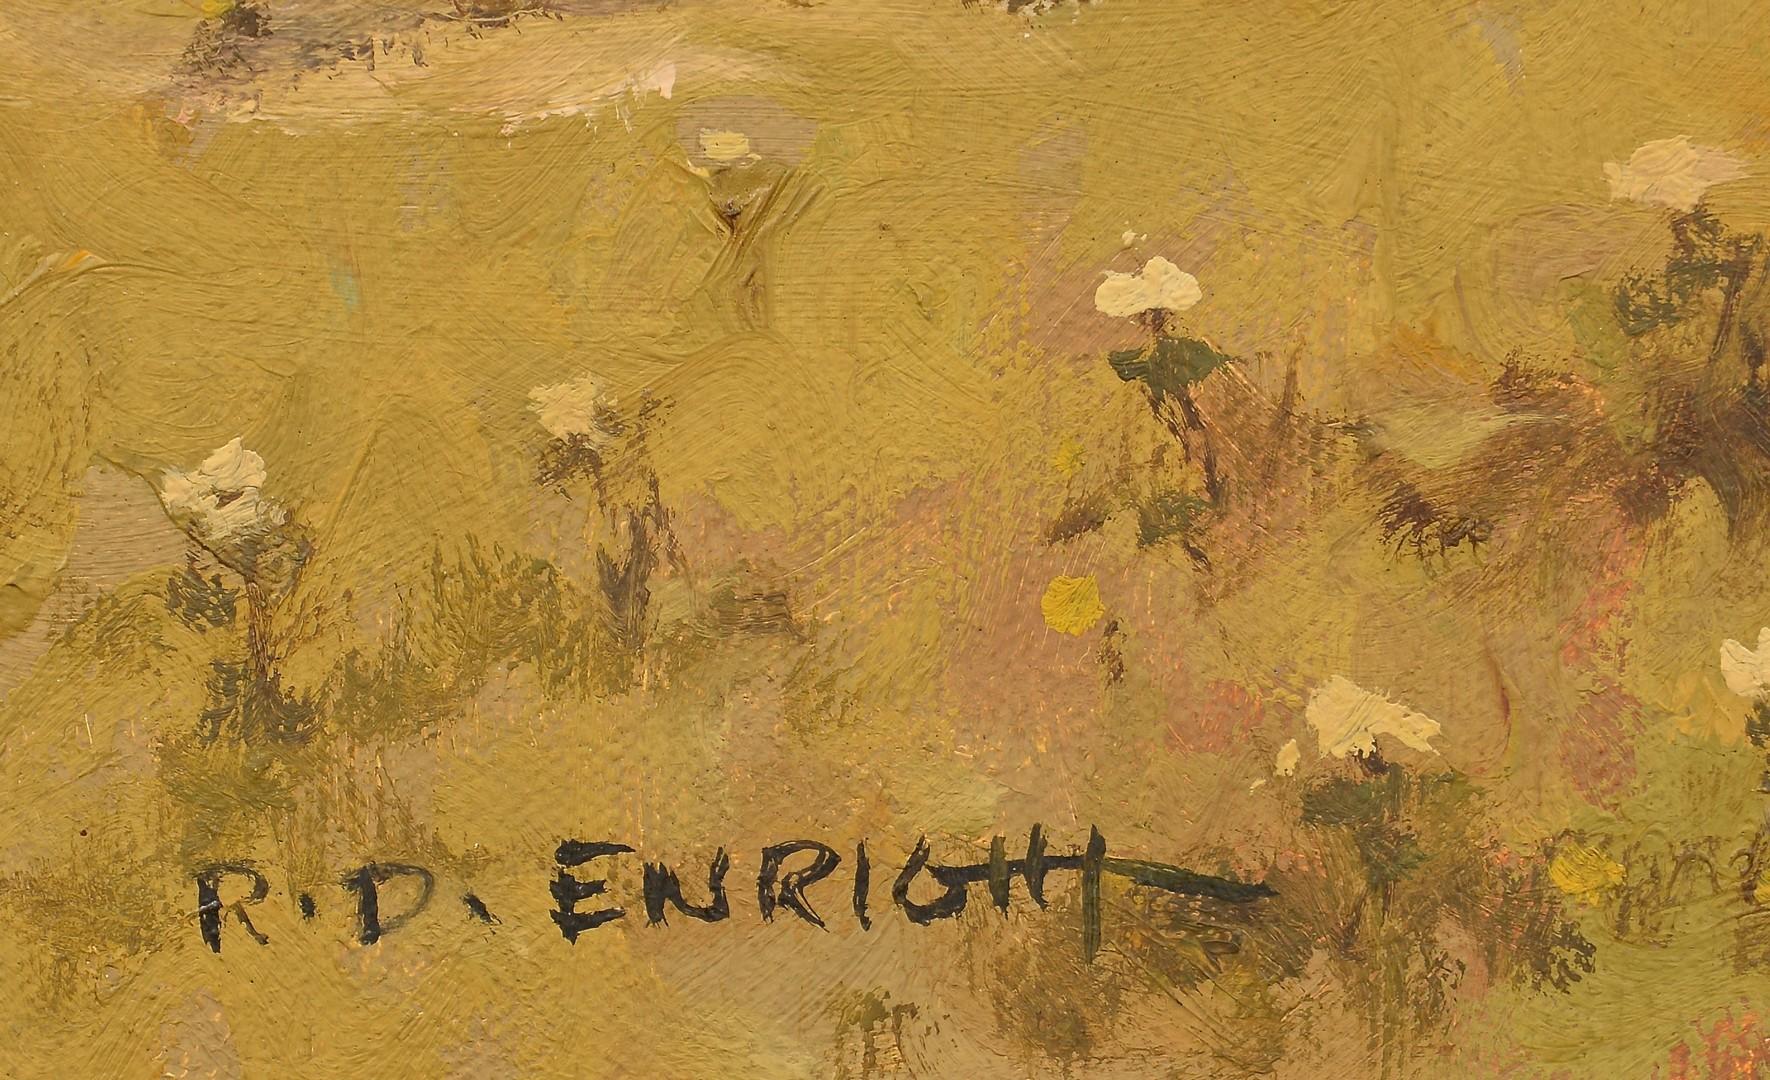 Lot 515: Roland Enright Oil on Canvas Landscape